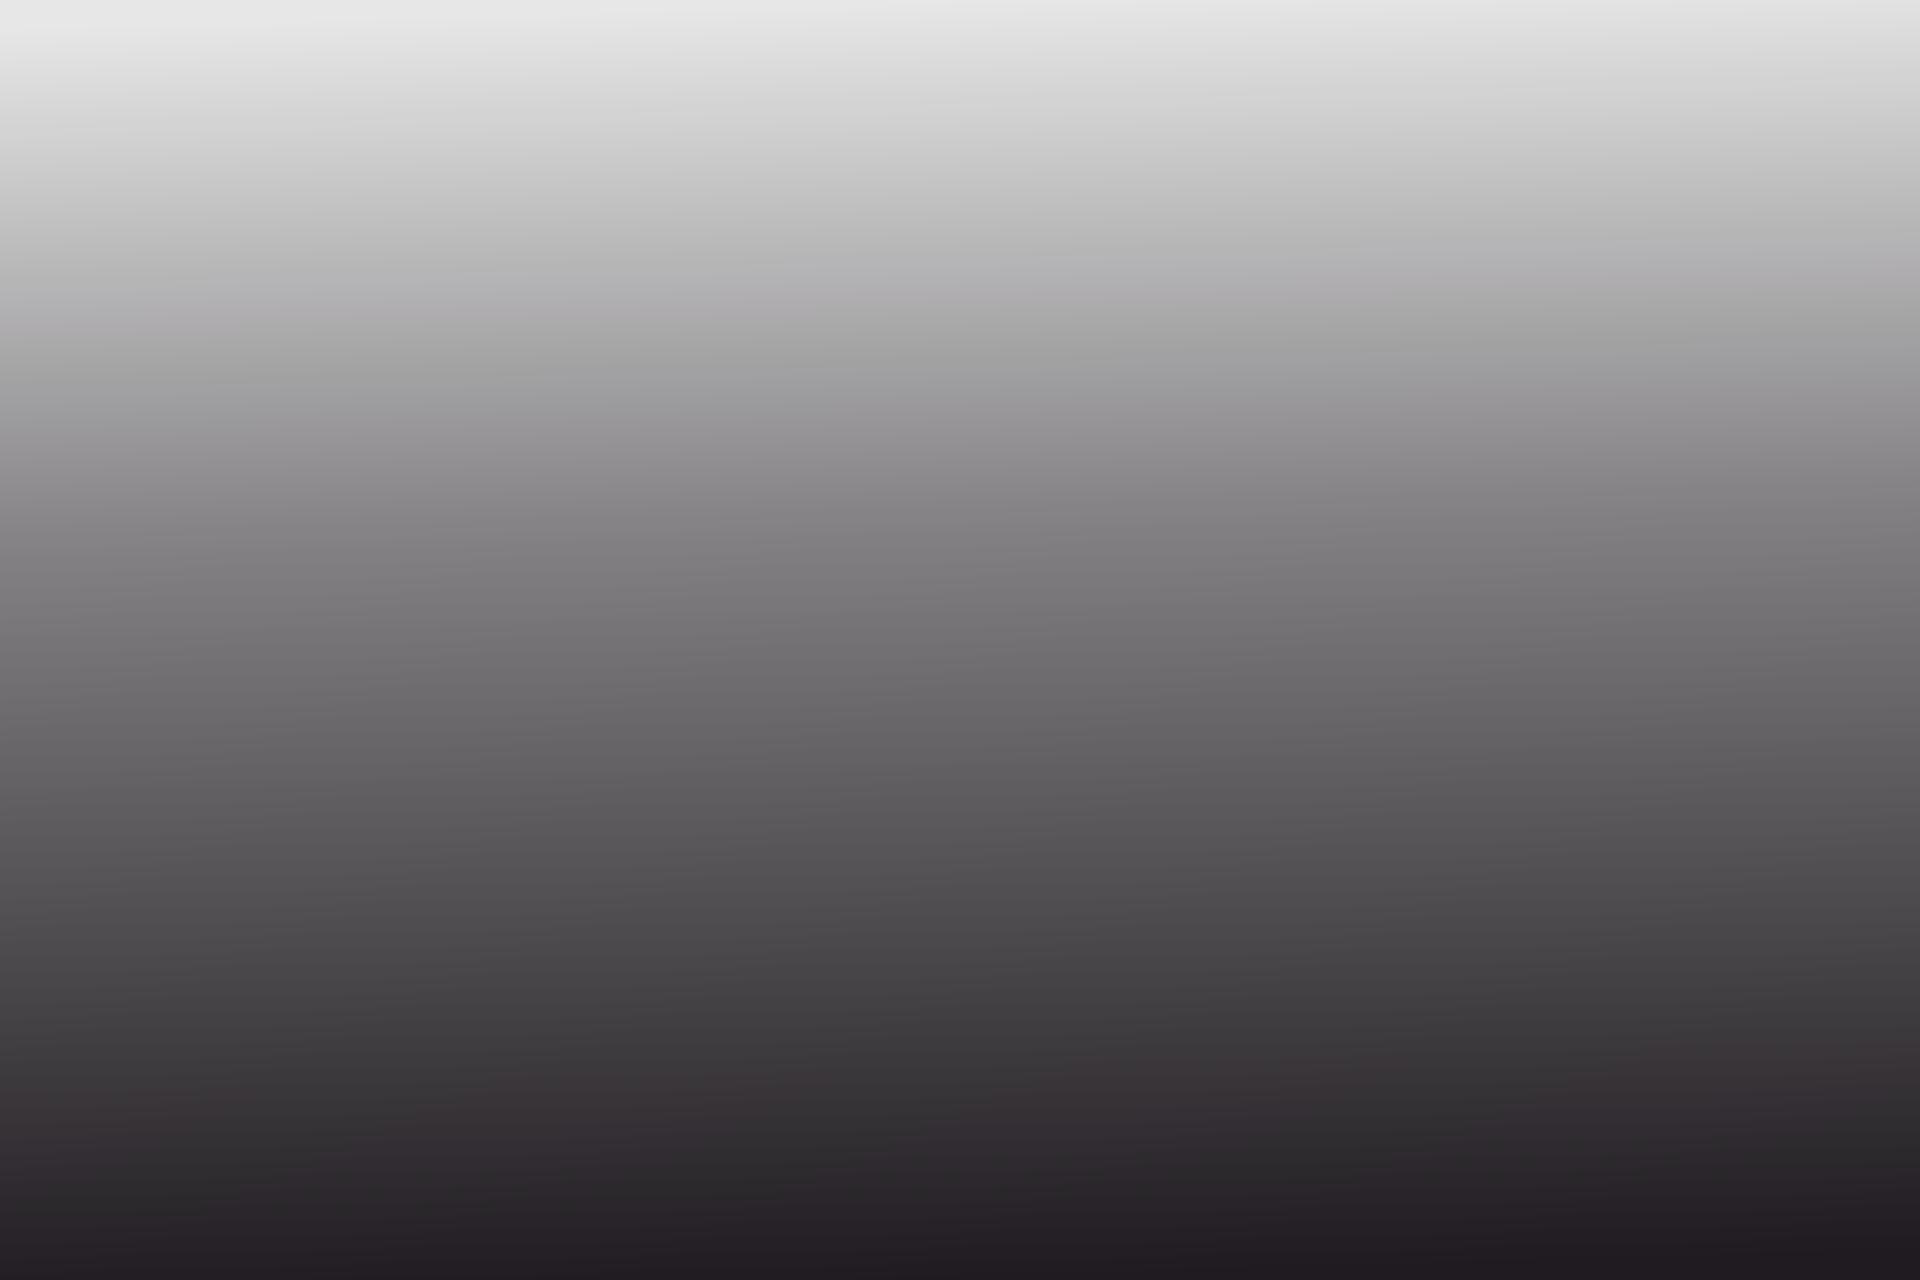 HintergrundSilberSchwarzVerlauf1920x1280